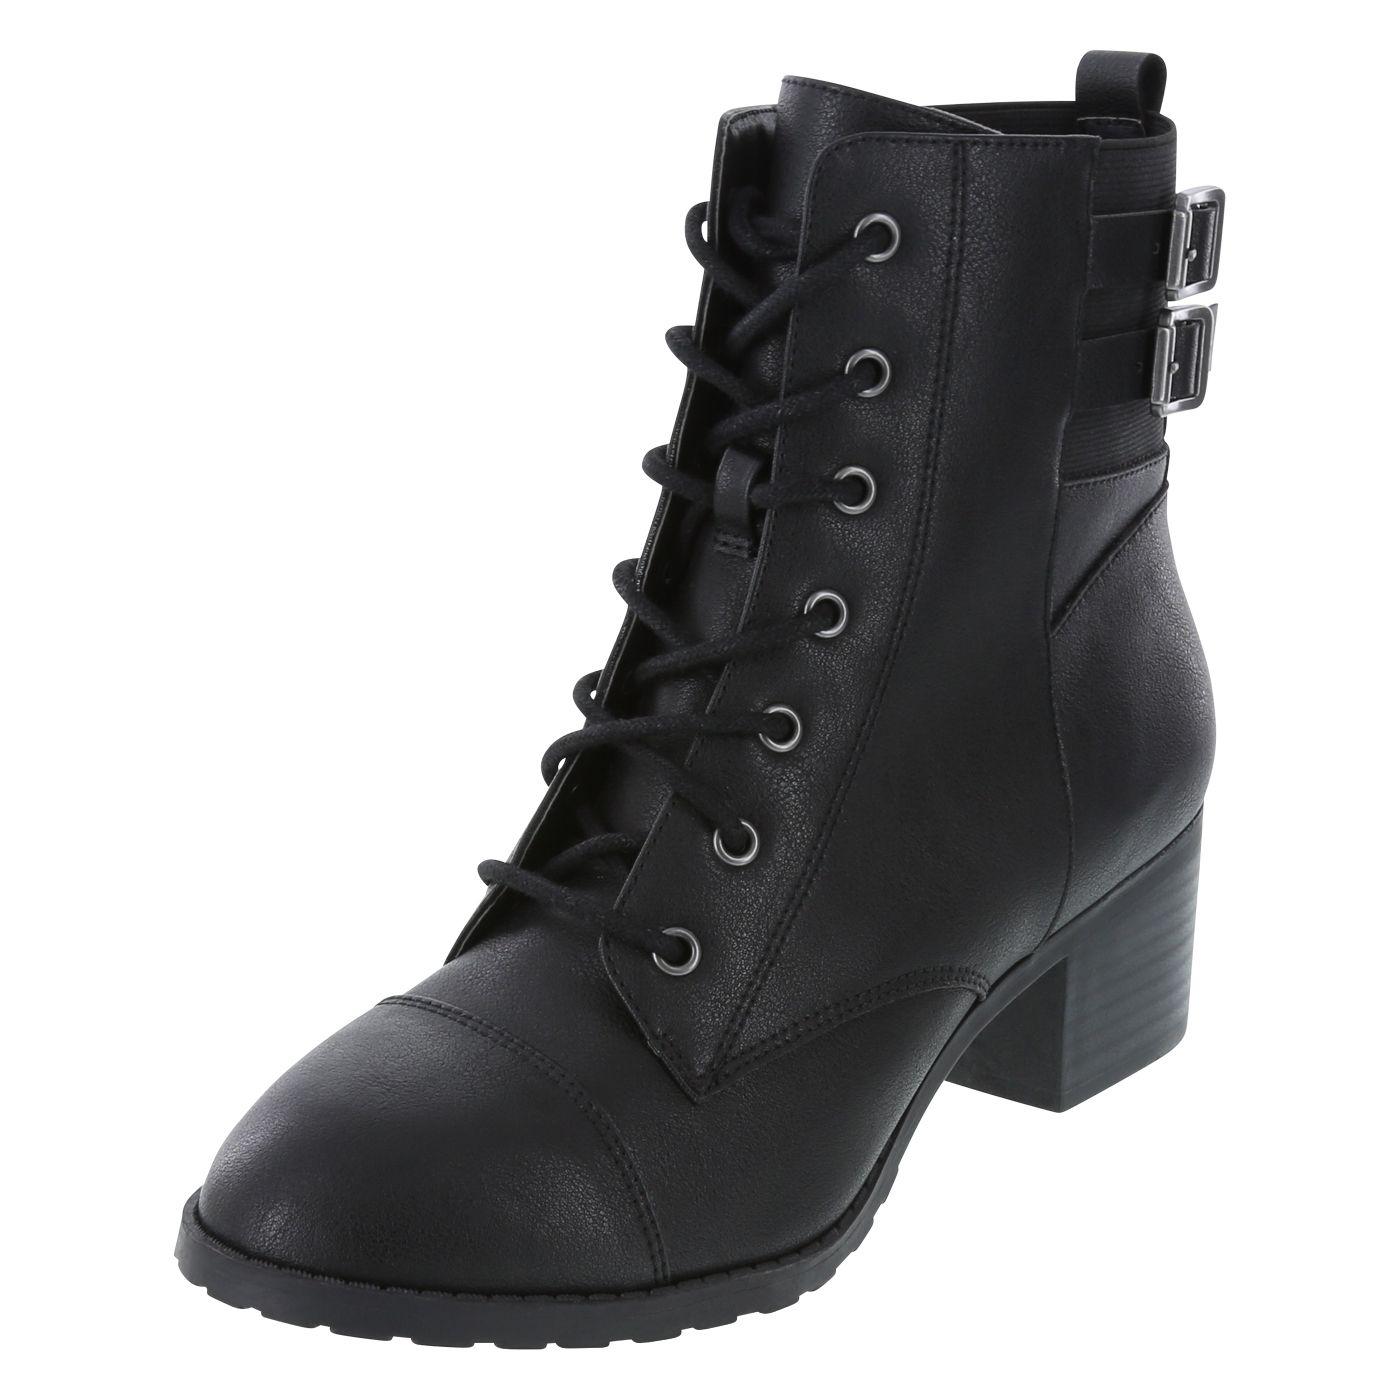 82b6d1486f1 Women's Riot Combat Boot | outfits | Combat boots, Combat boot ...